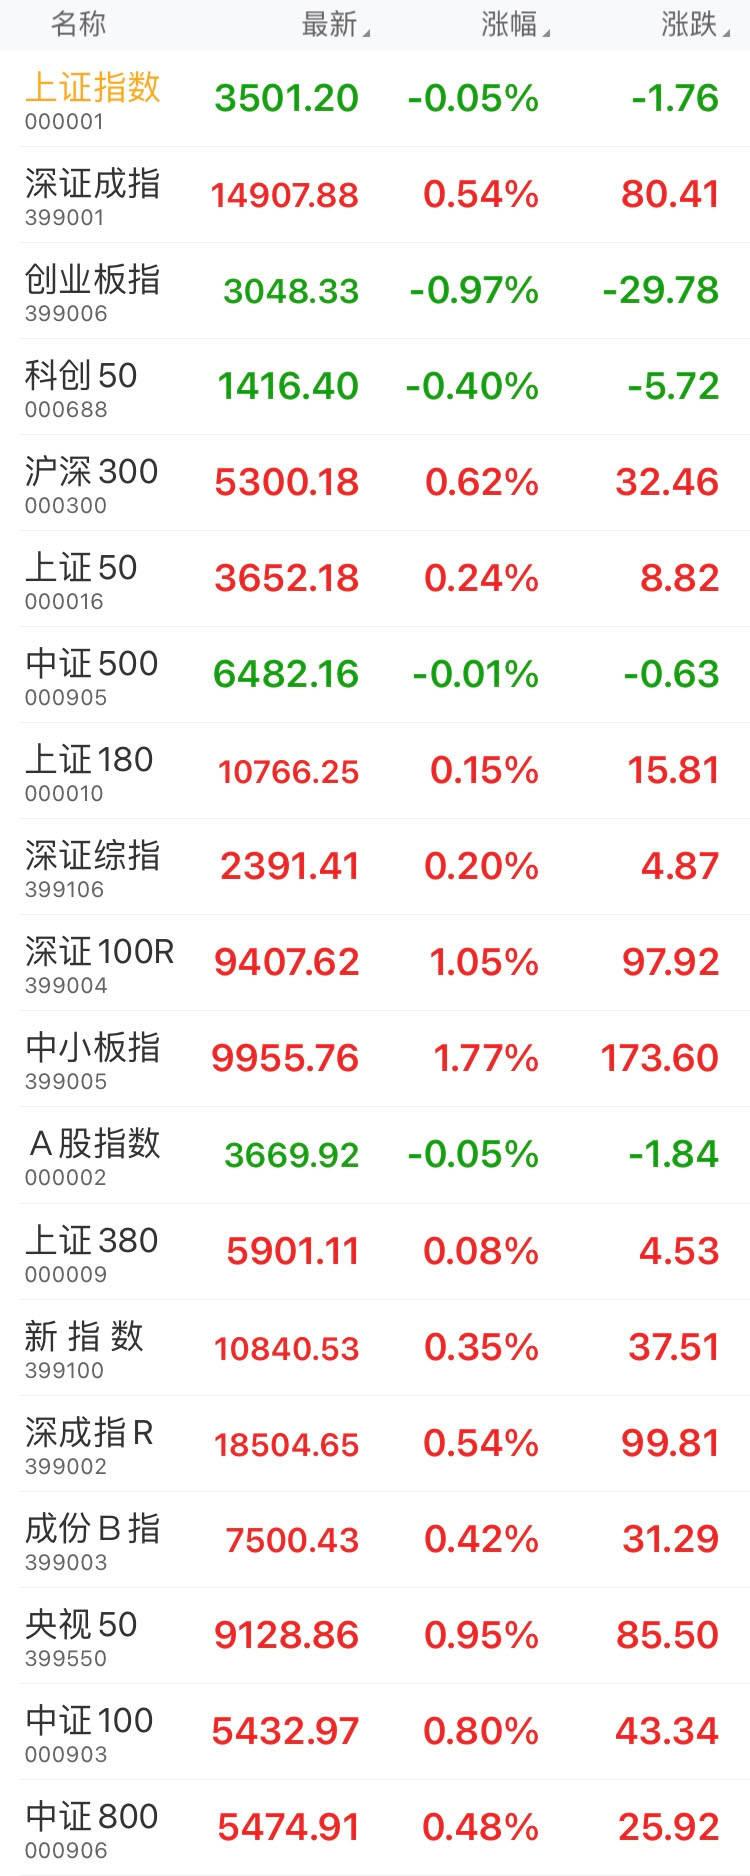 午盘:上证综指报3501.20点,跌幅0.05%;创业板指数报3048.33点,下跌0.97%